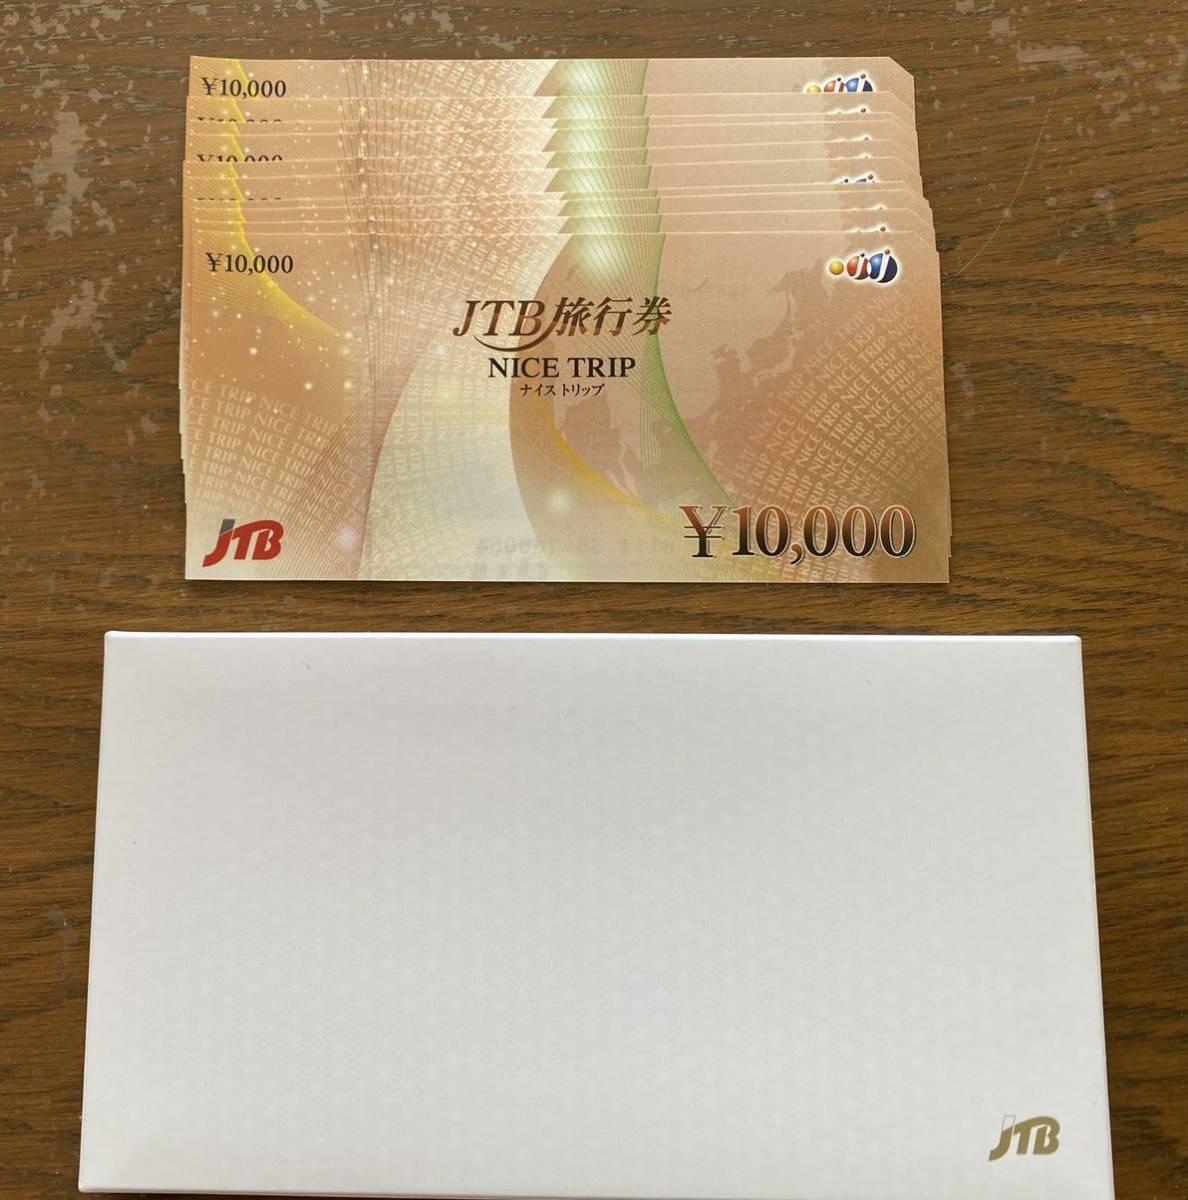 JTB ナイストリップ 旅行券 10万円分_画像2